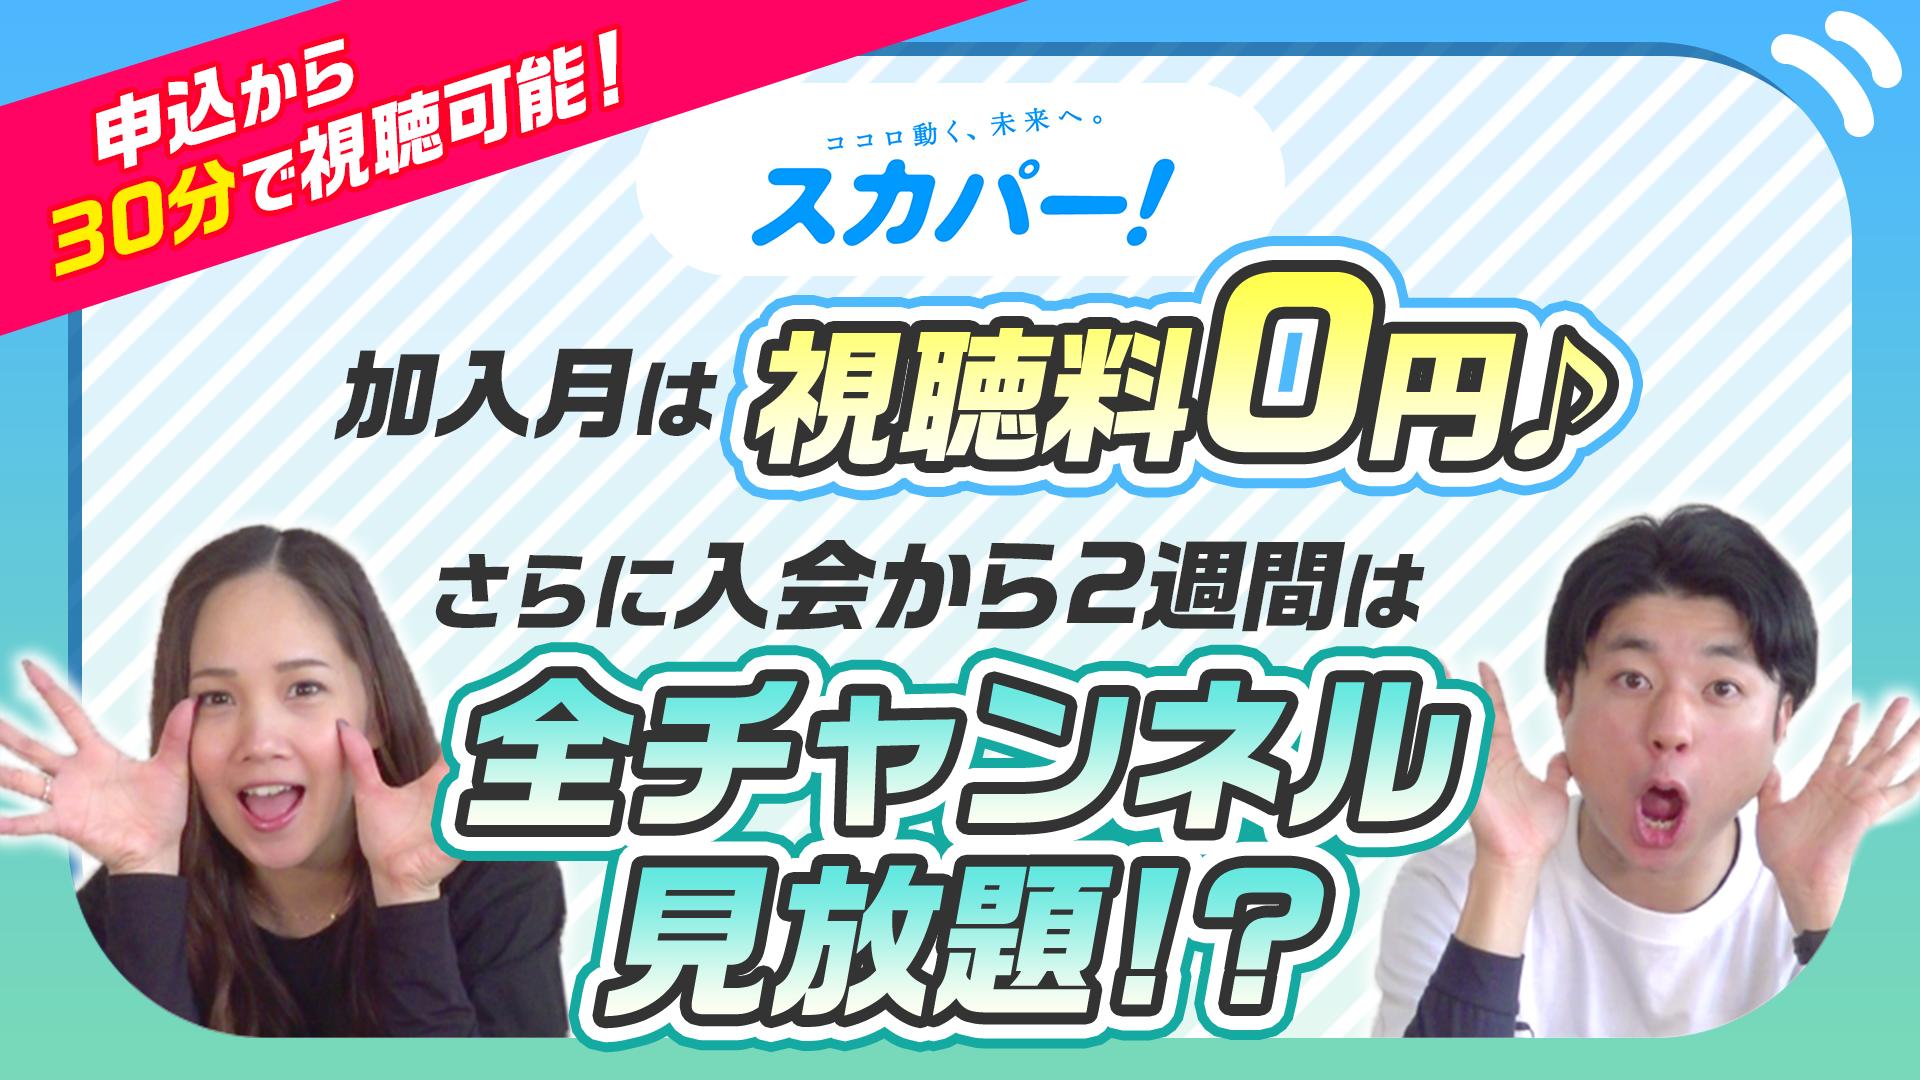 【スカパー!】モッピーチャンネル